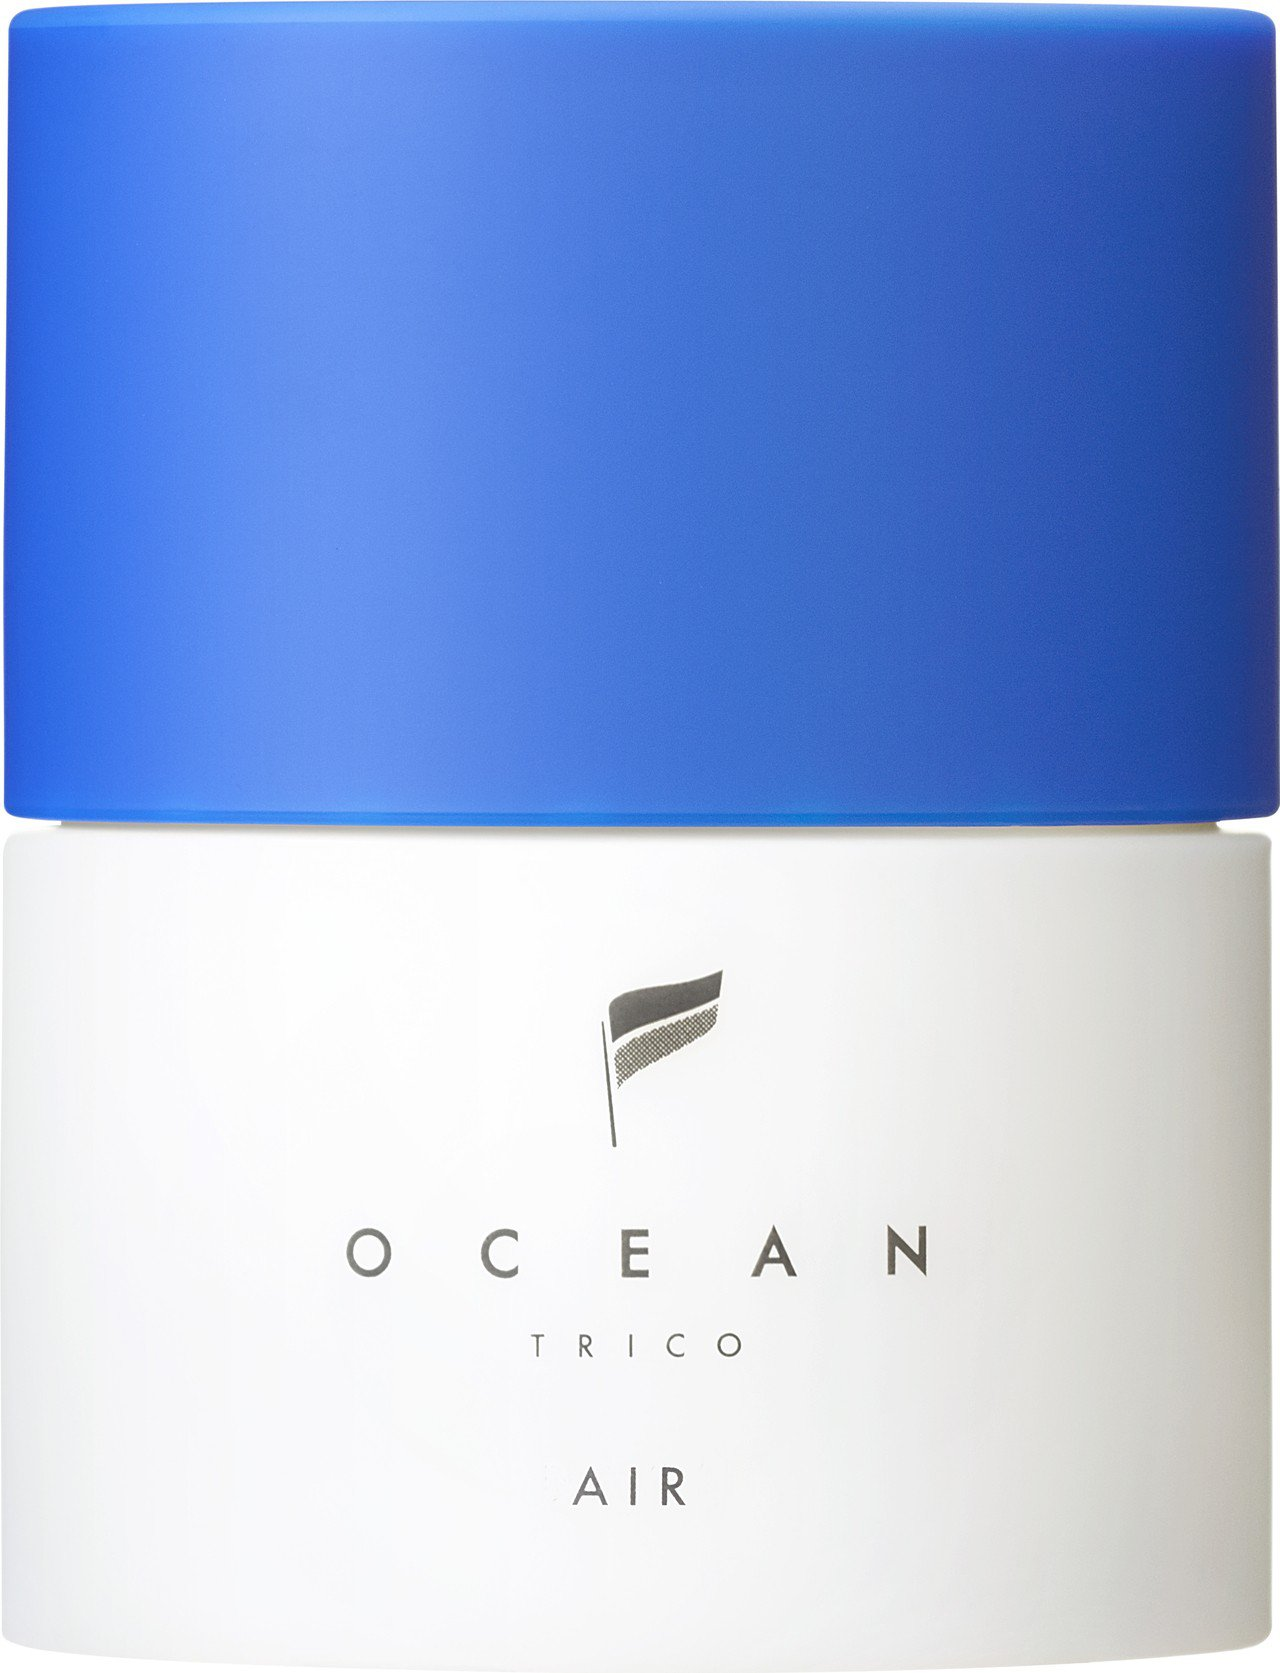 OCEAN TRICO男士髮蠟-空氣感,售價498元。圖/松本清提供